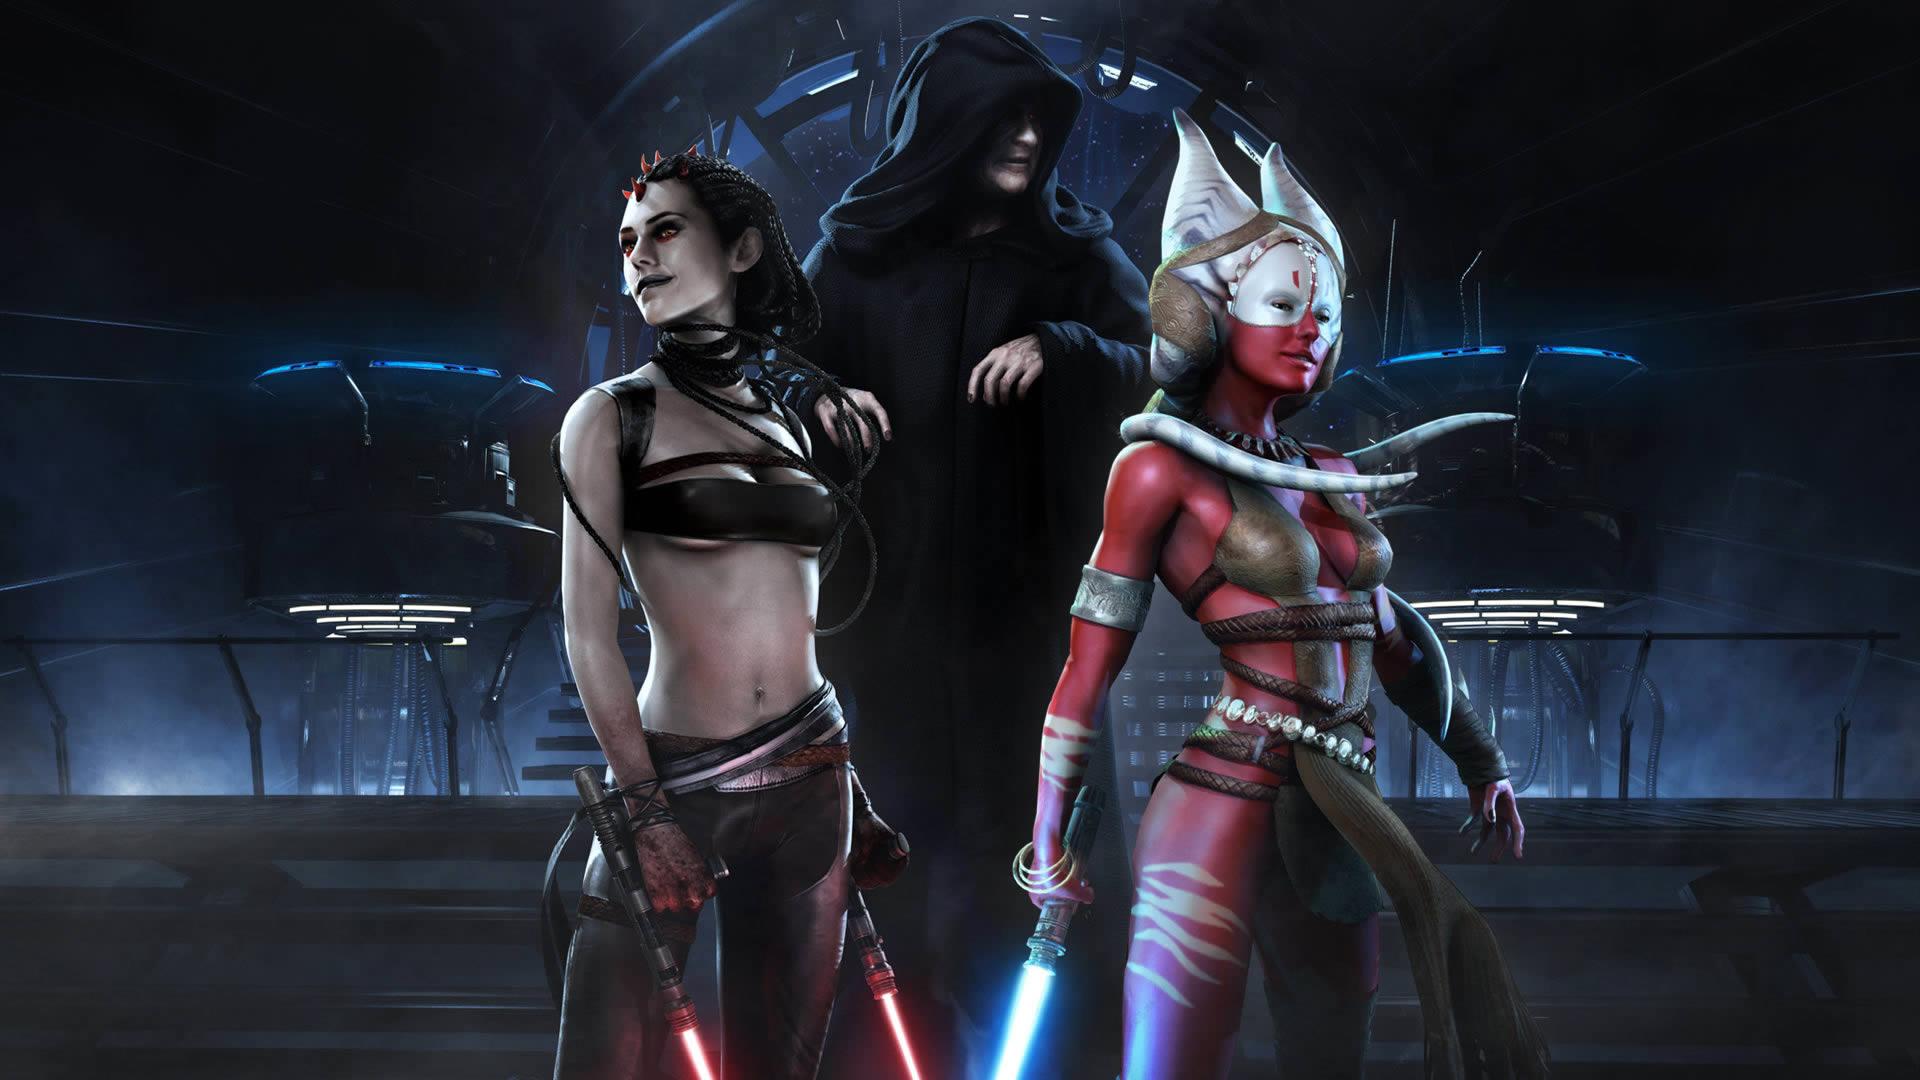 40 Epic Star Wars Wallpapers 3d Digital Paintings Movies Videogames Wallpapercoolvibe Digital Art